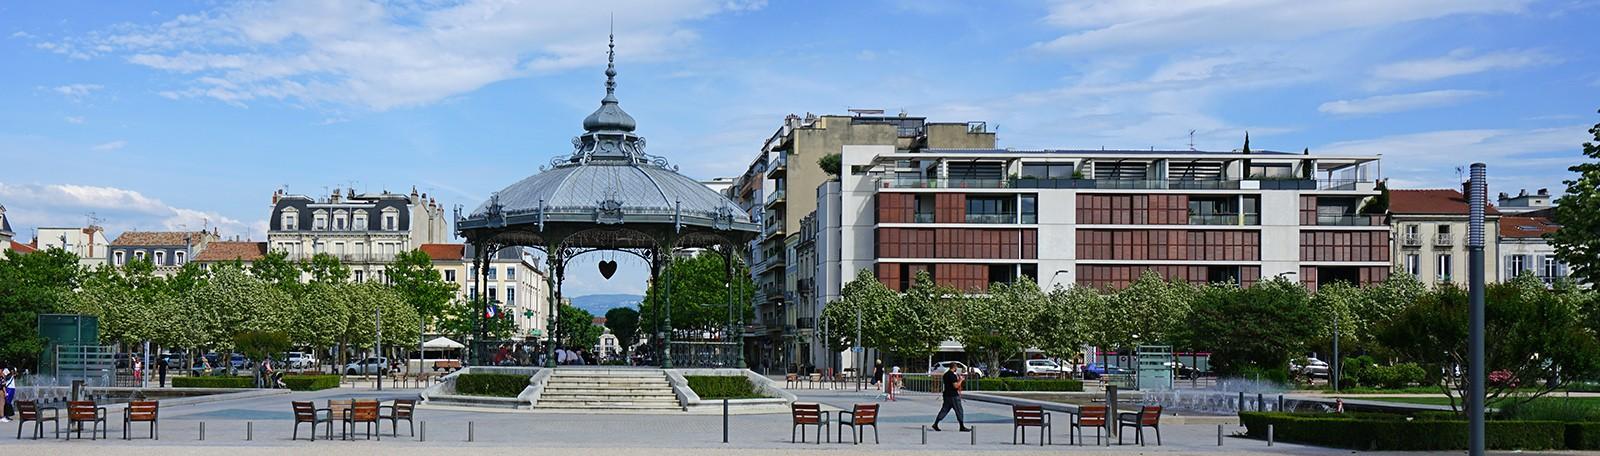 Q-Park Hôtel de Ville - Rue Belle Image 26000 Valence